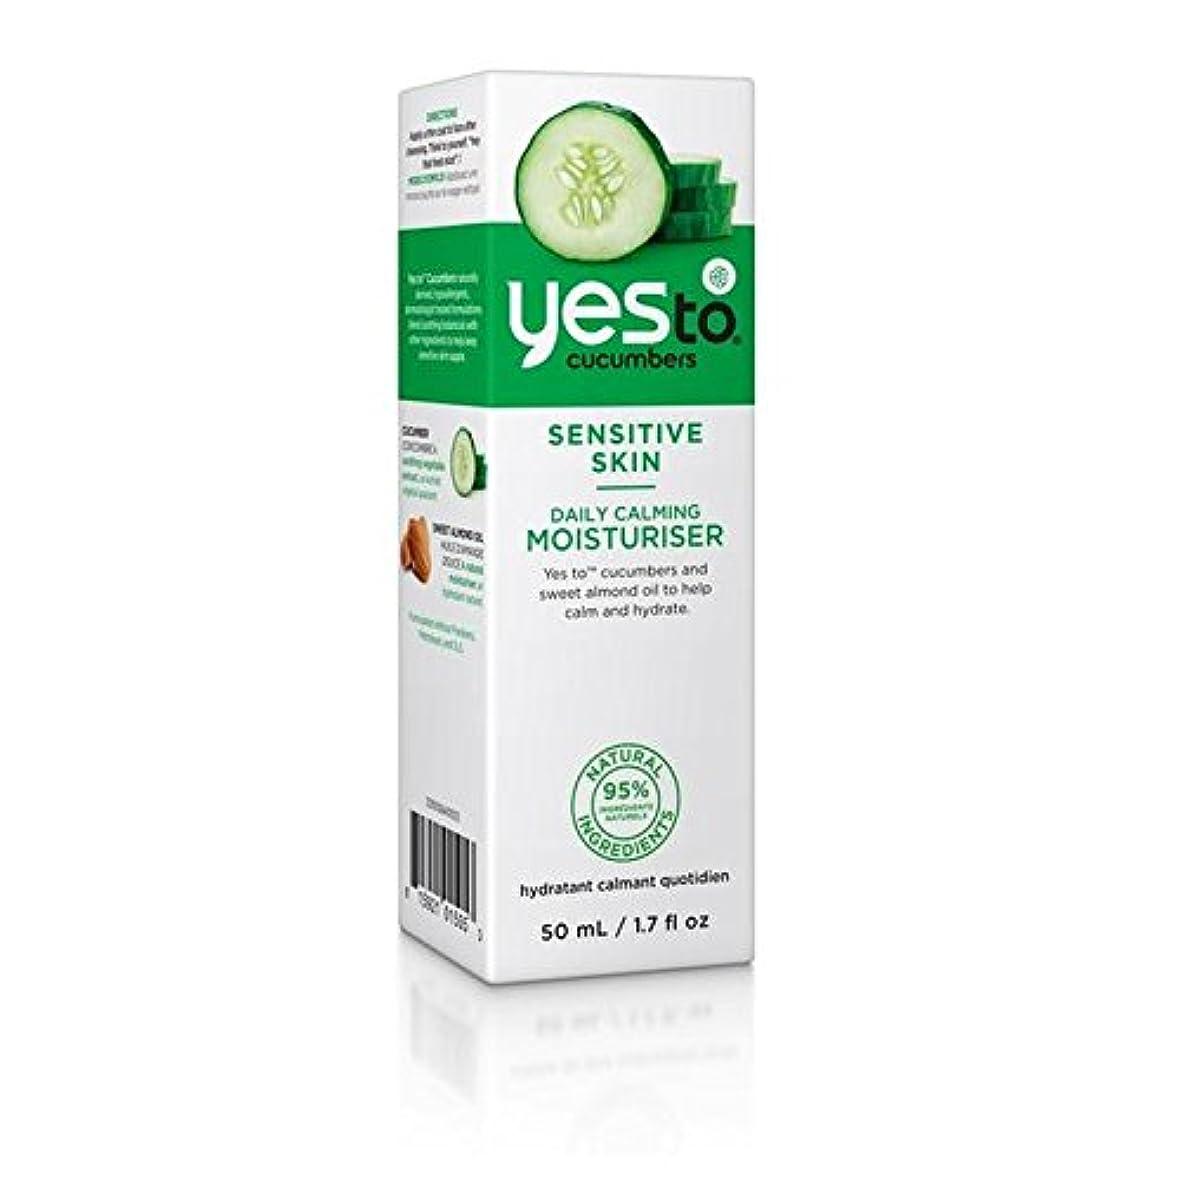 人に関する限り泣く戦争はいキュウリ保湿50ミリリットルへ x2 - Yes to Cucumbers Moisturiser 50ml (Pack of 2) [並行輸入品]